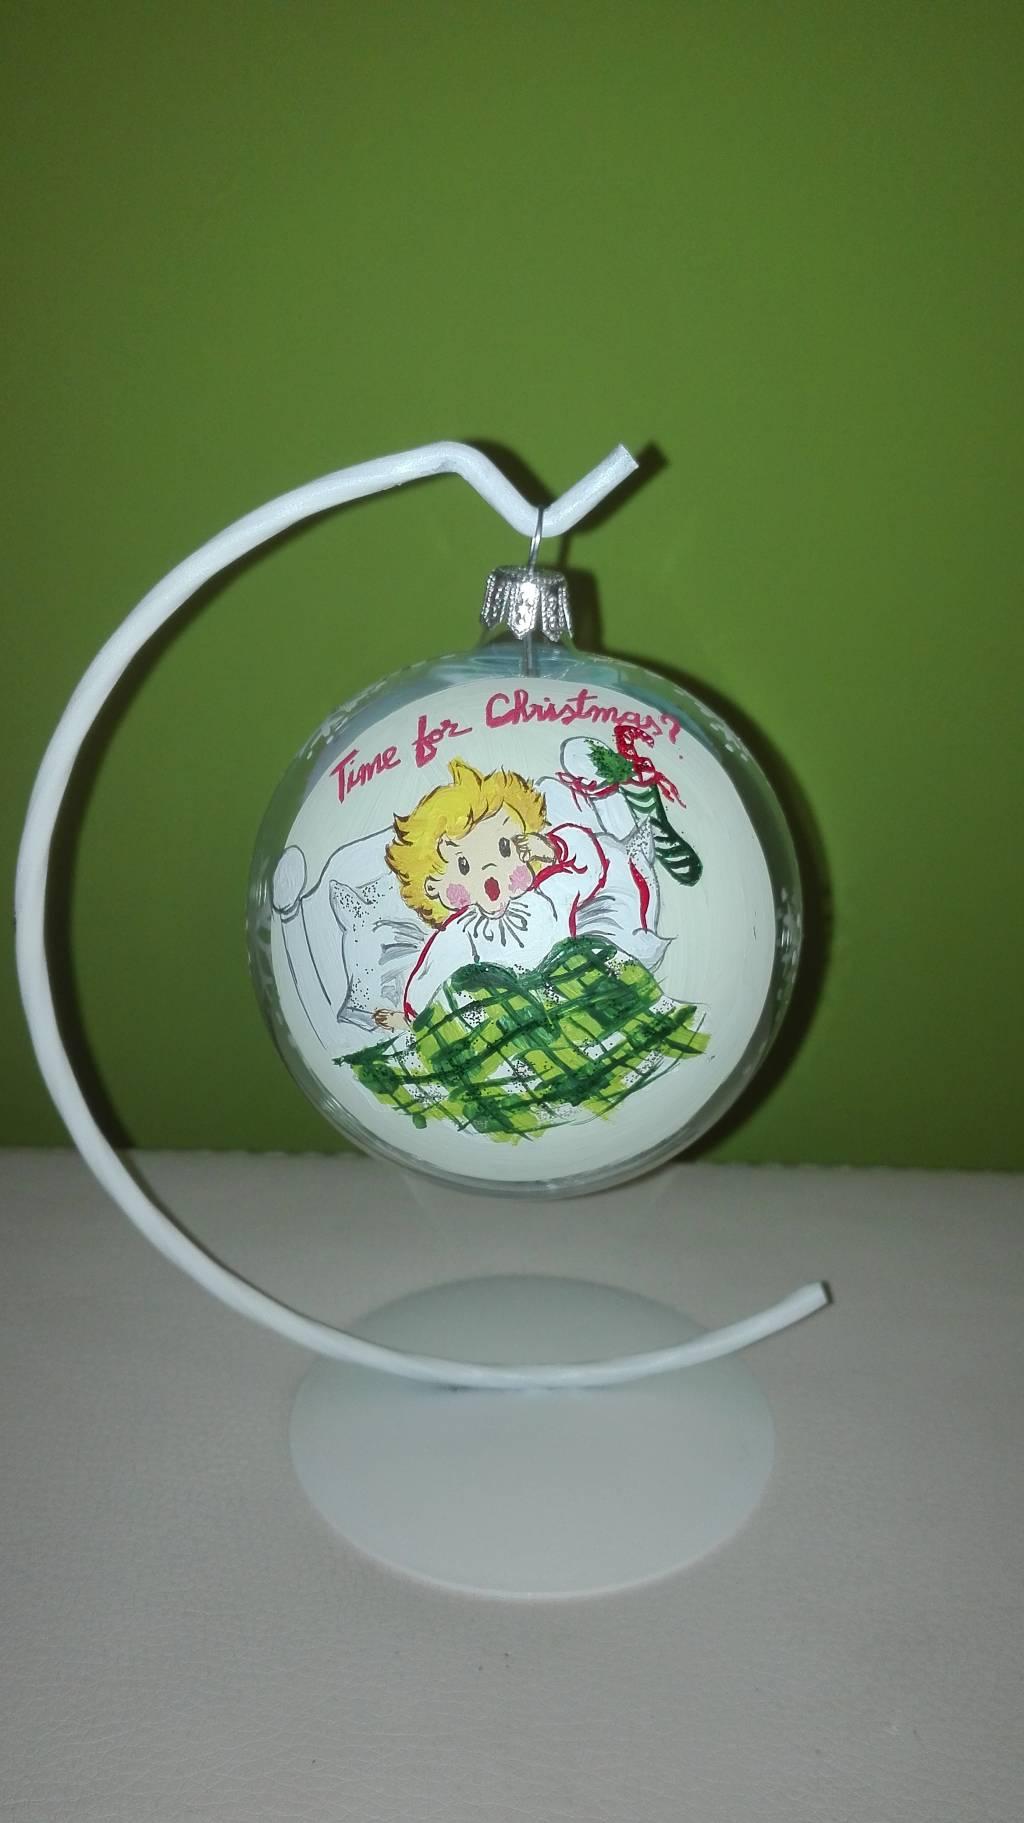 Poza Time for Christmas?